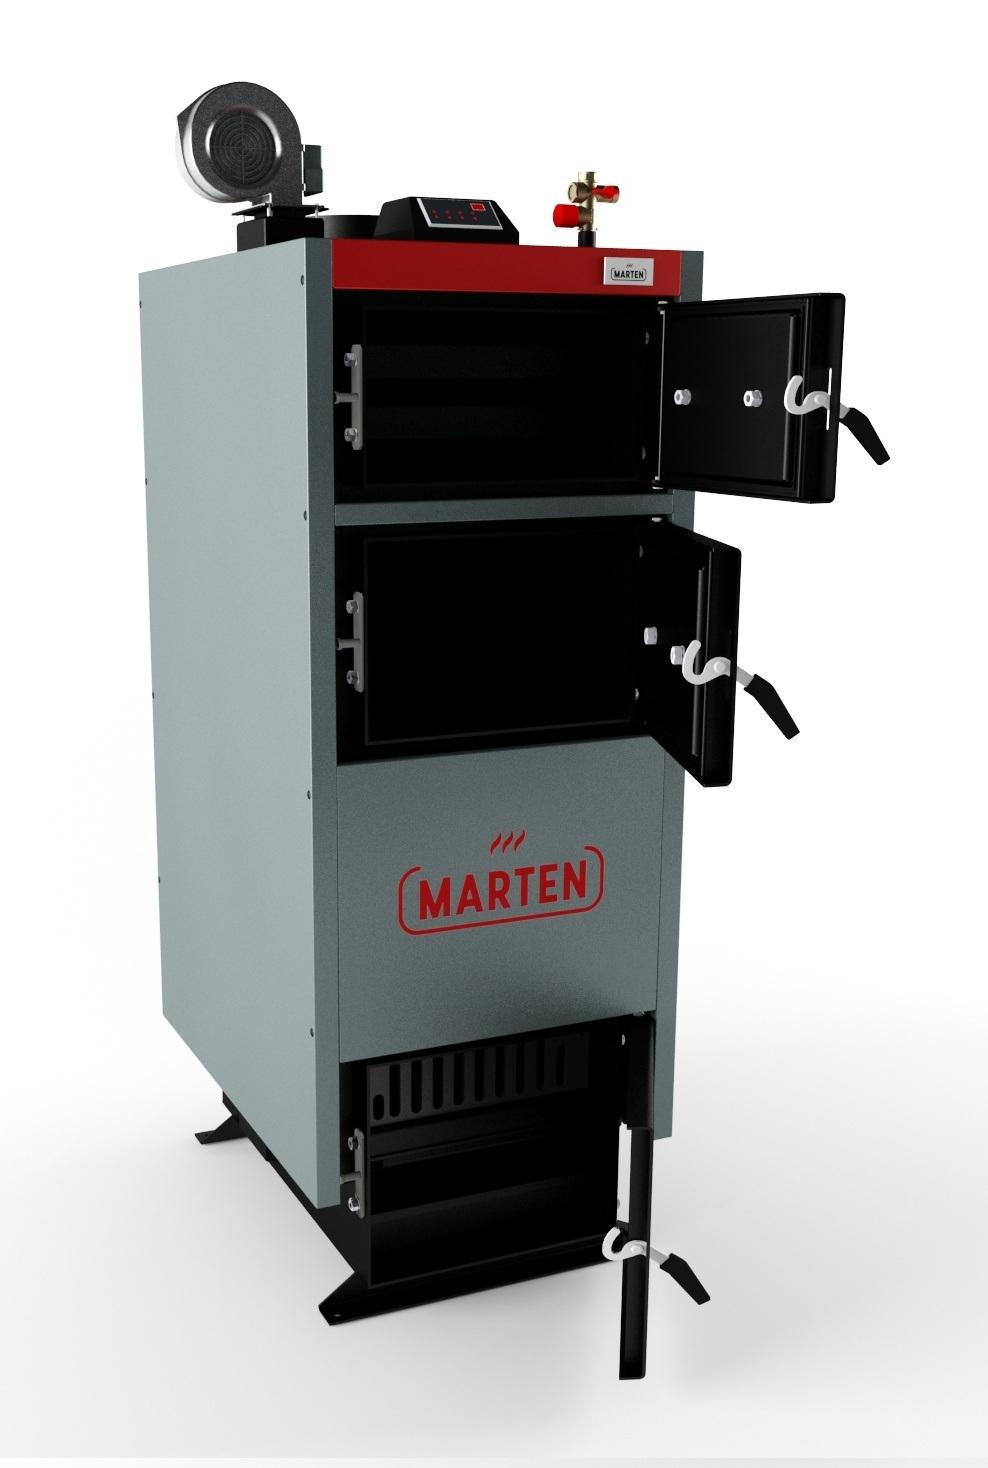 Отопительный котел 80 кВт - Marten Comfort MC 80 0